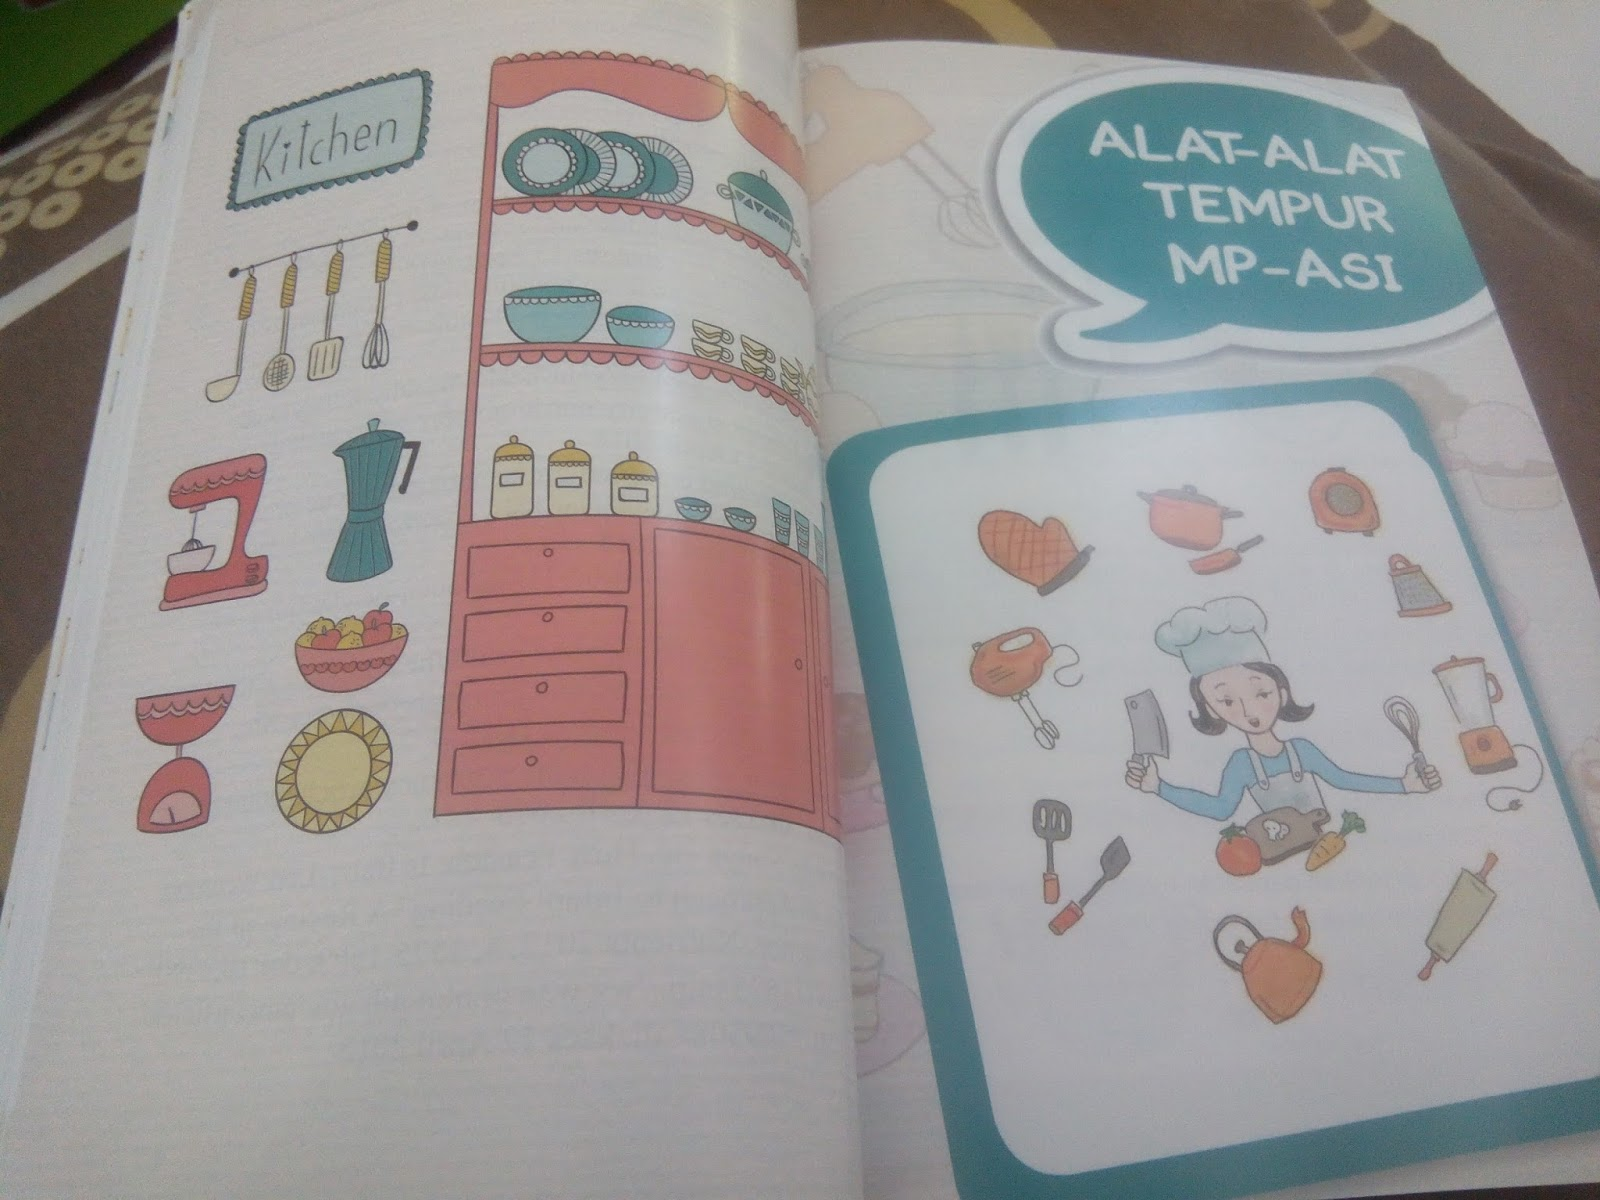 Mini Ensiklopedia Mp Asi Sehat Aggregator Bbi Buku Resep Lengkap Mpasi Wied Harry Makanan Bayi Alami Ilustrasi Dan Warna Eye Catching